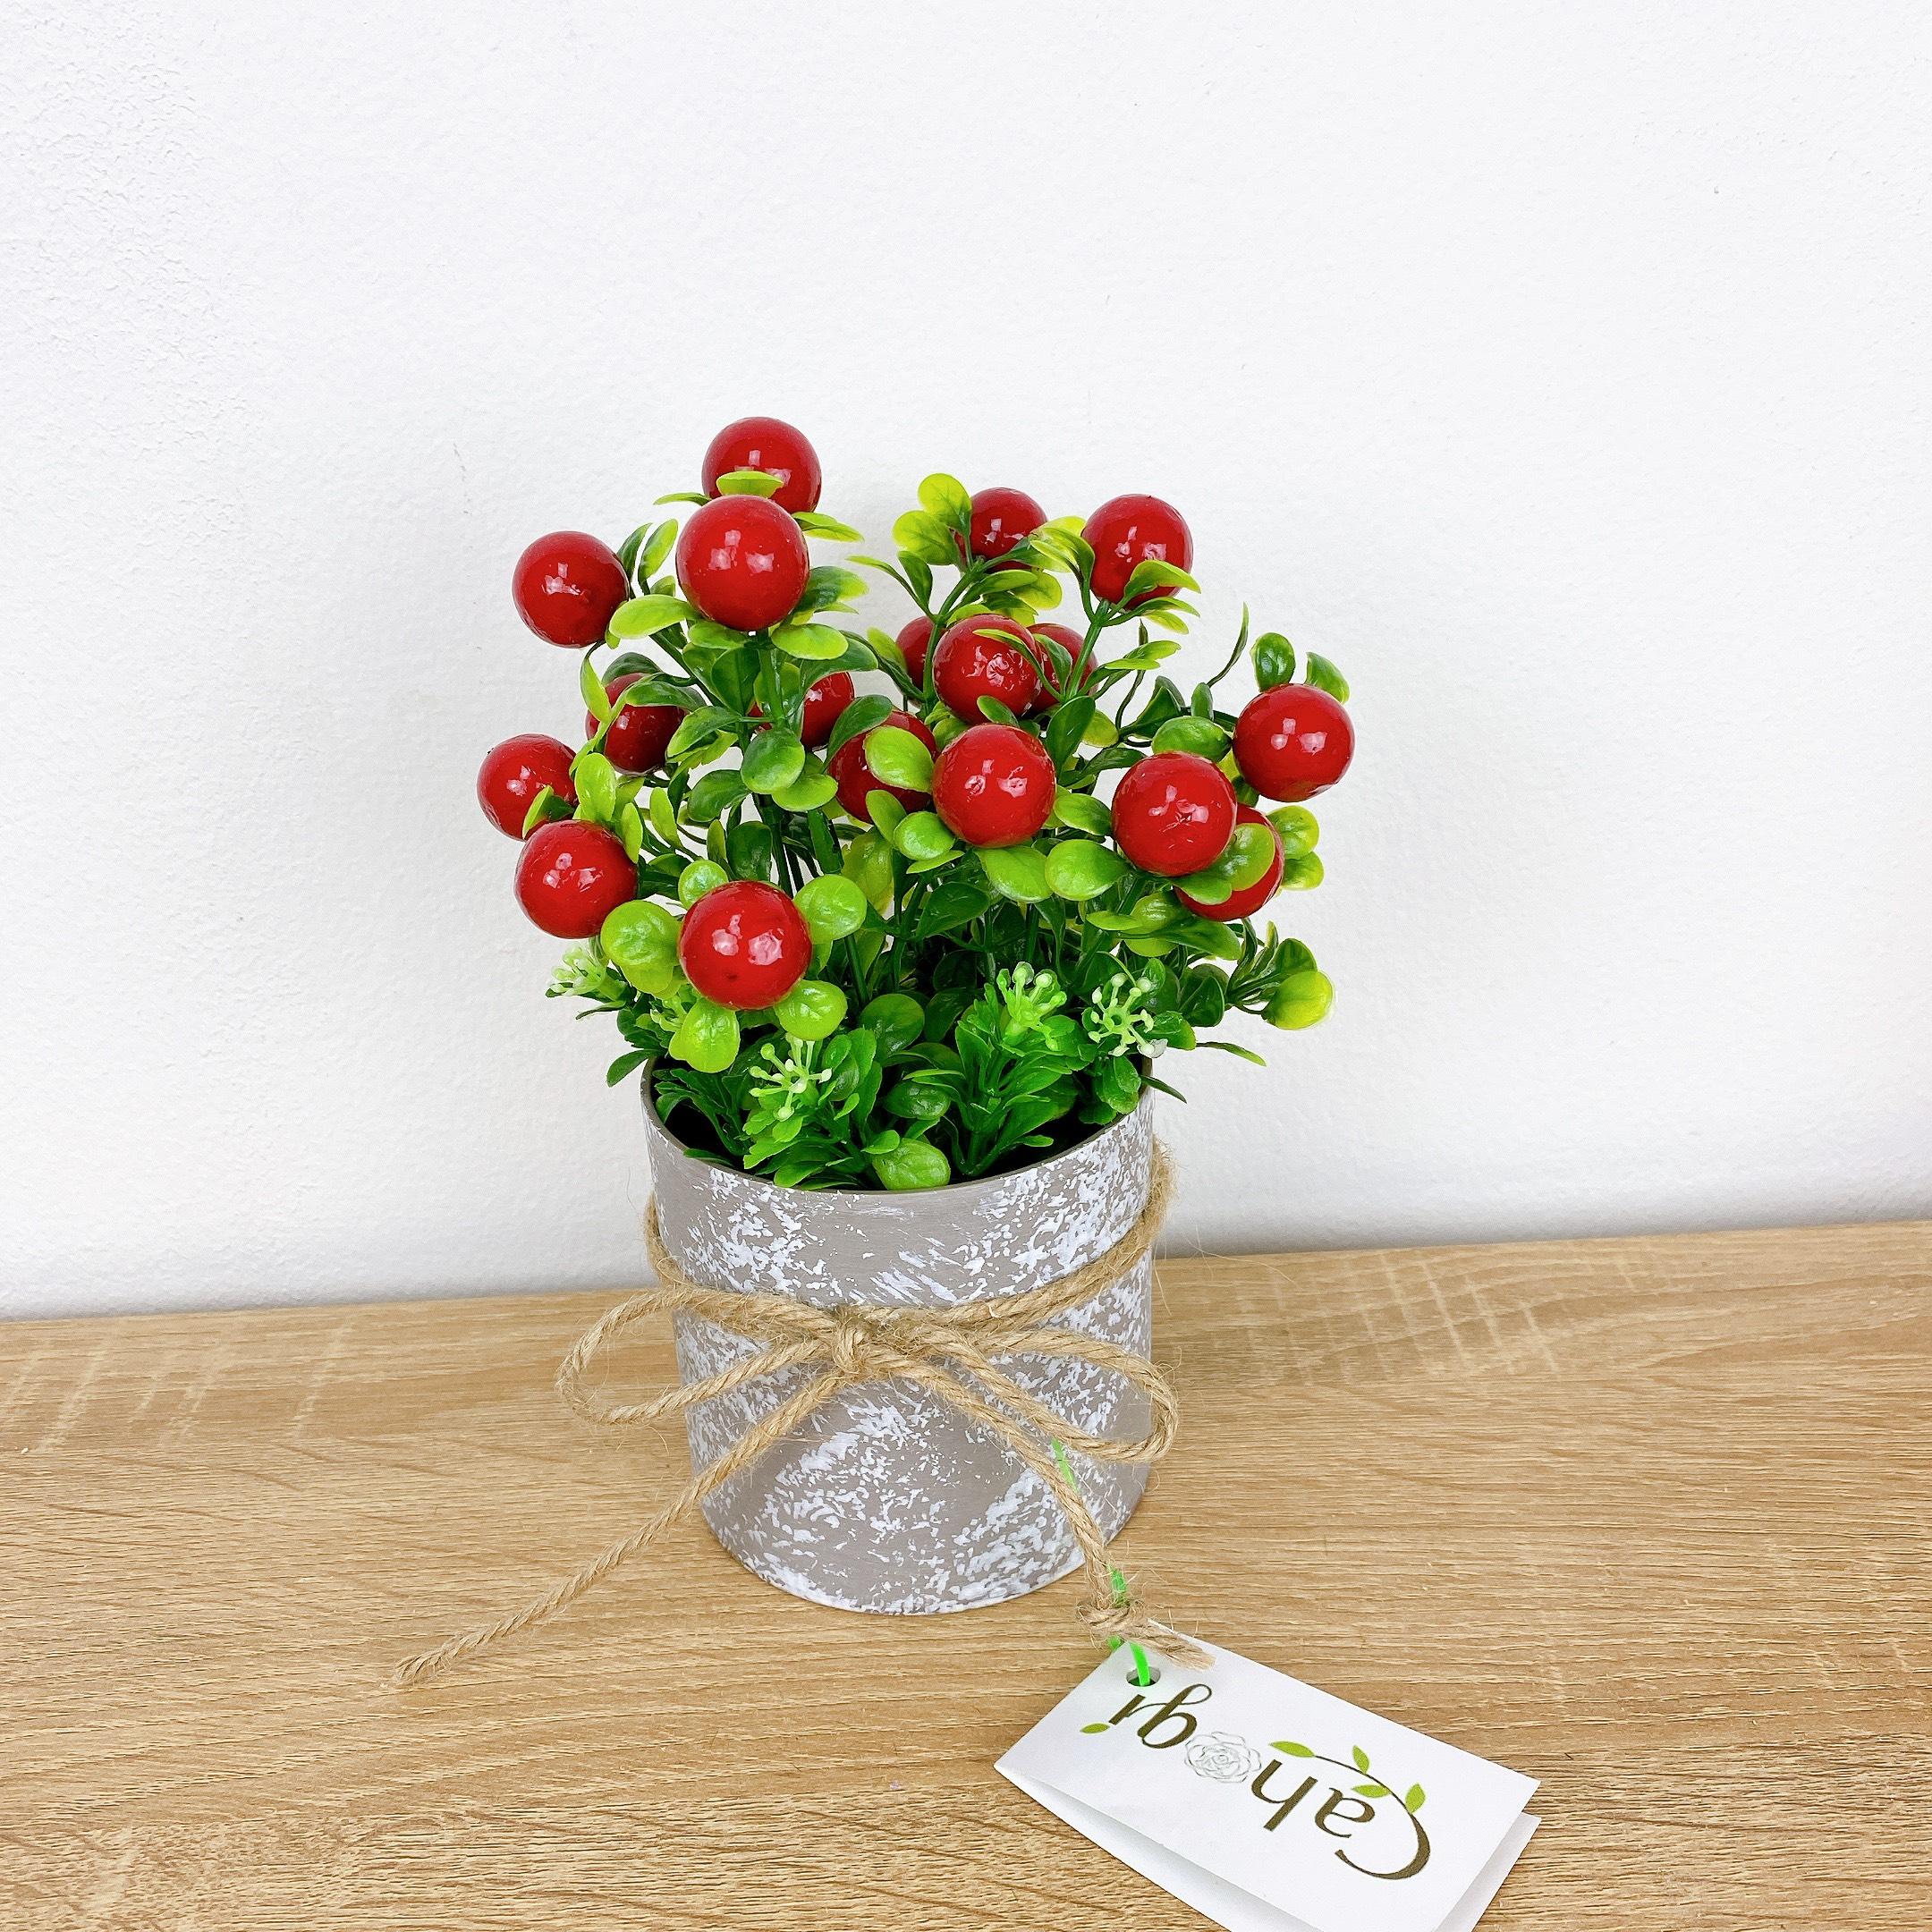 Hoa Giả Chậu chery Cắm Sẵn